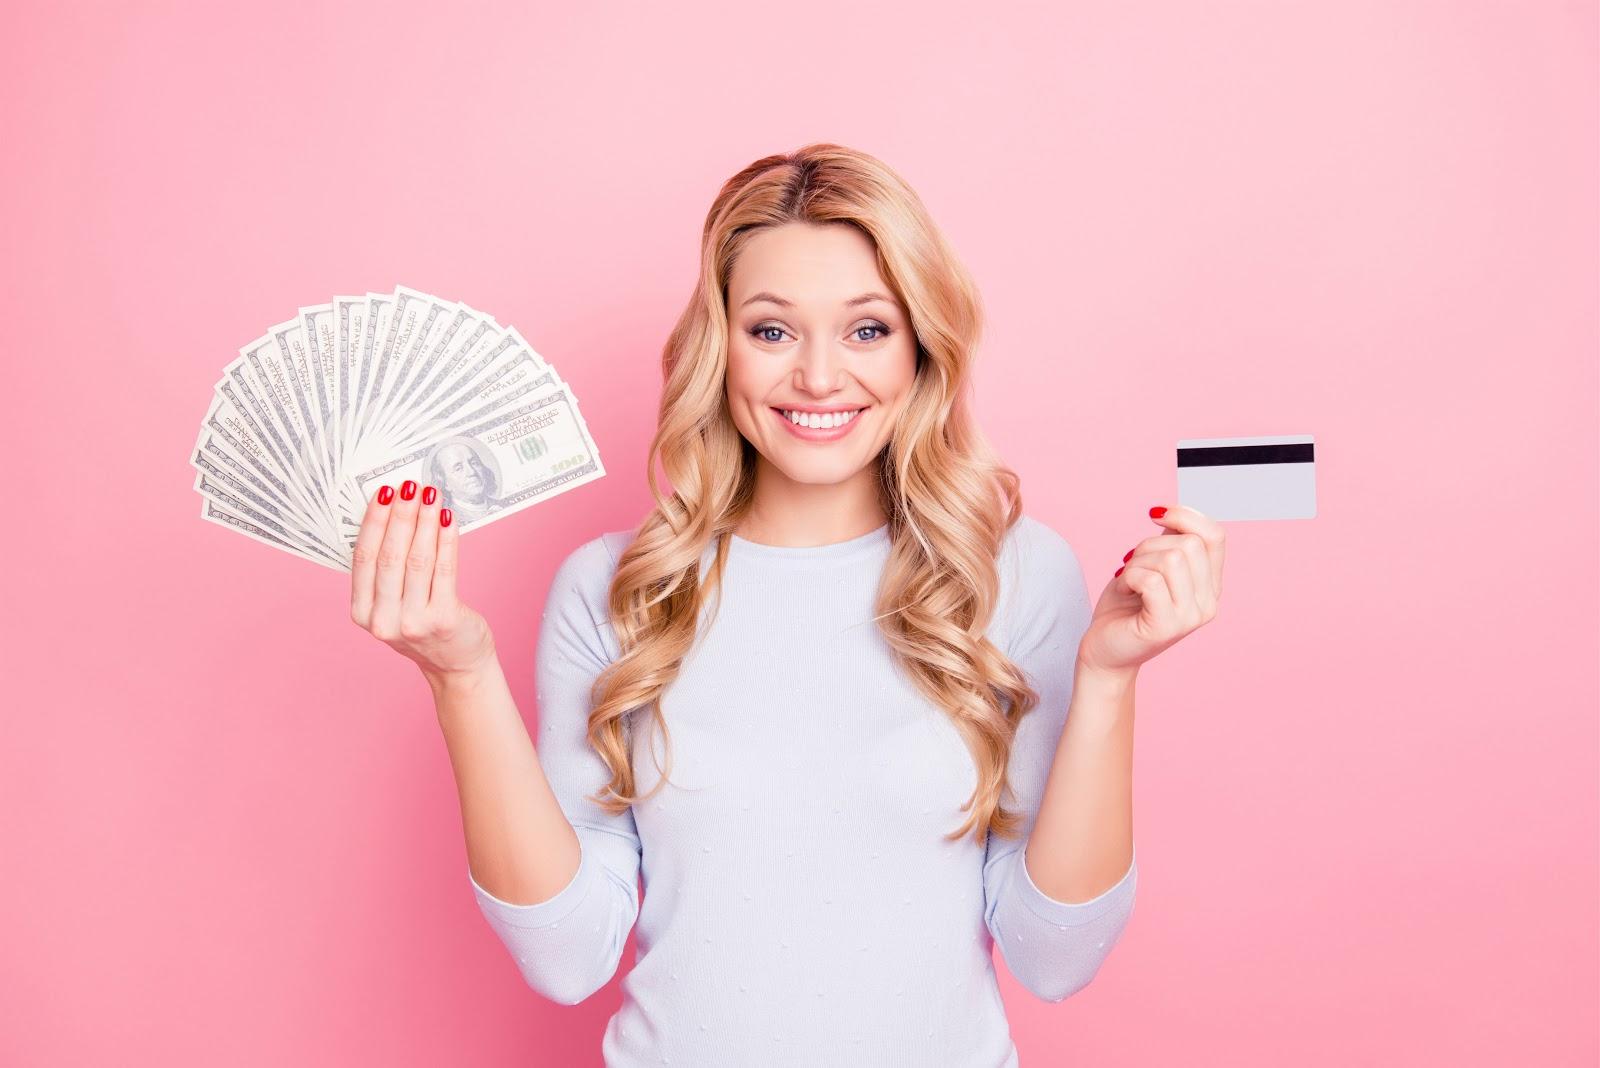 Kredyt a pożyczka - różnice